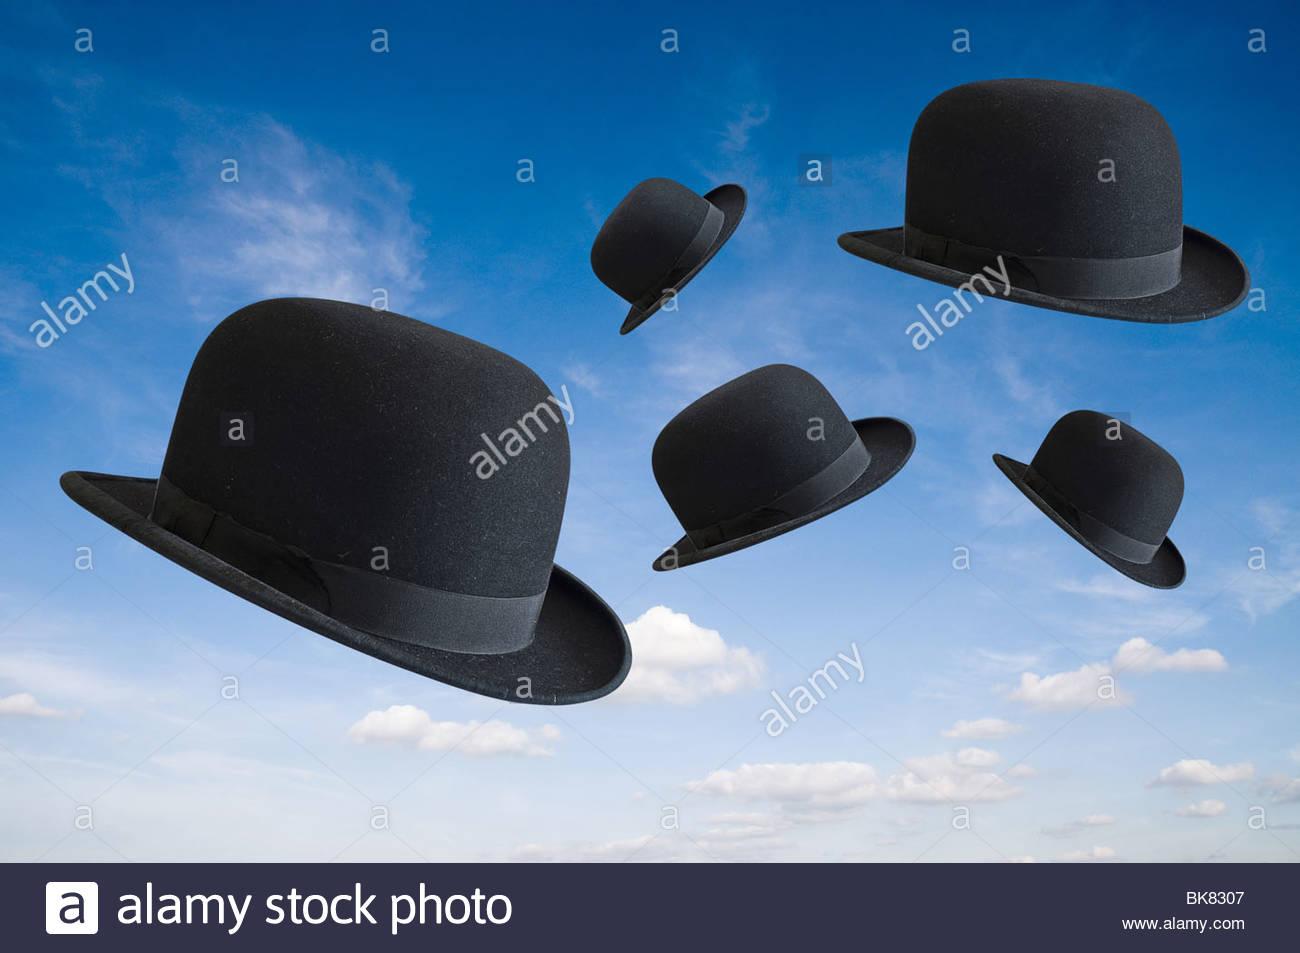 Black Bowler hats in sky - Stock Image